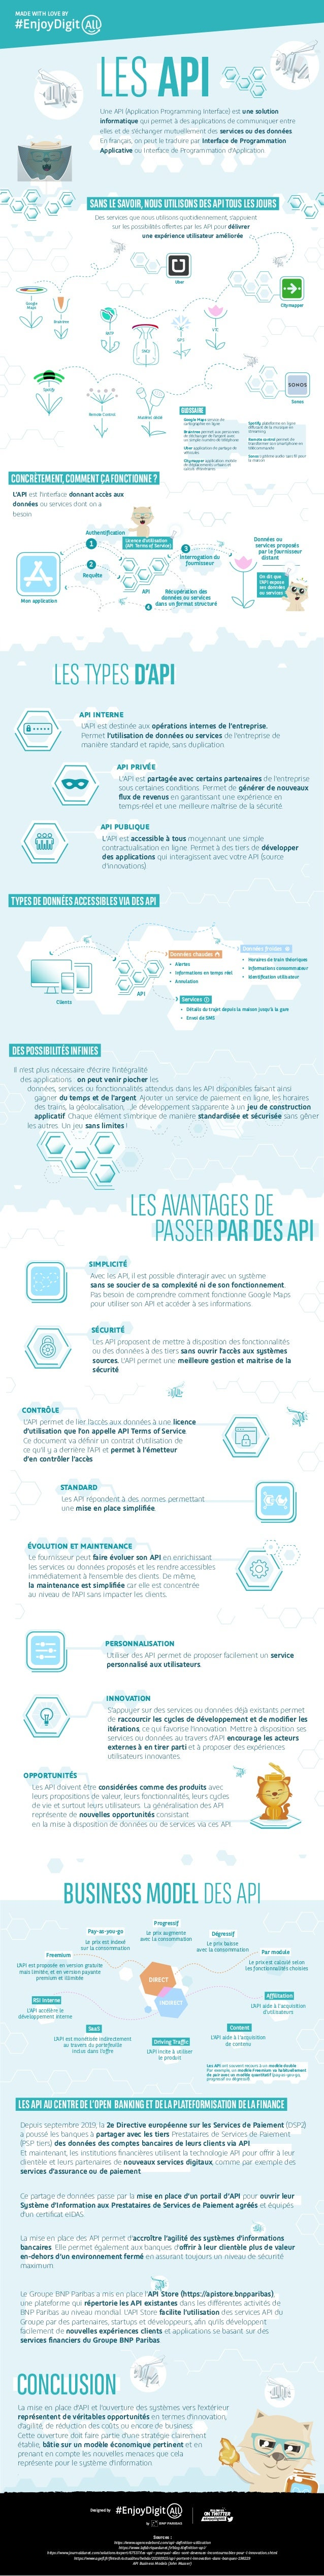 On dit que l'API expose ses données ou services LESAPIUne API (Application Programming Interface) est une solution informa...